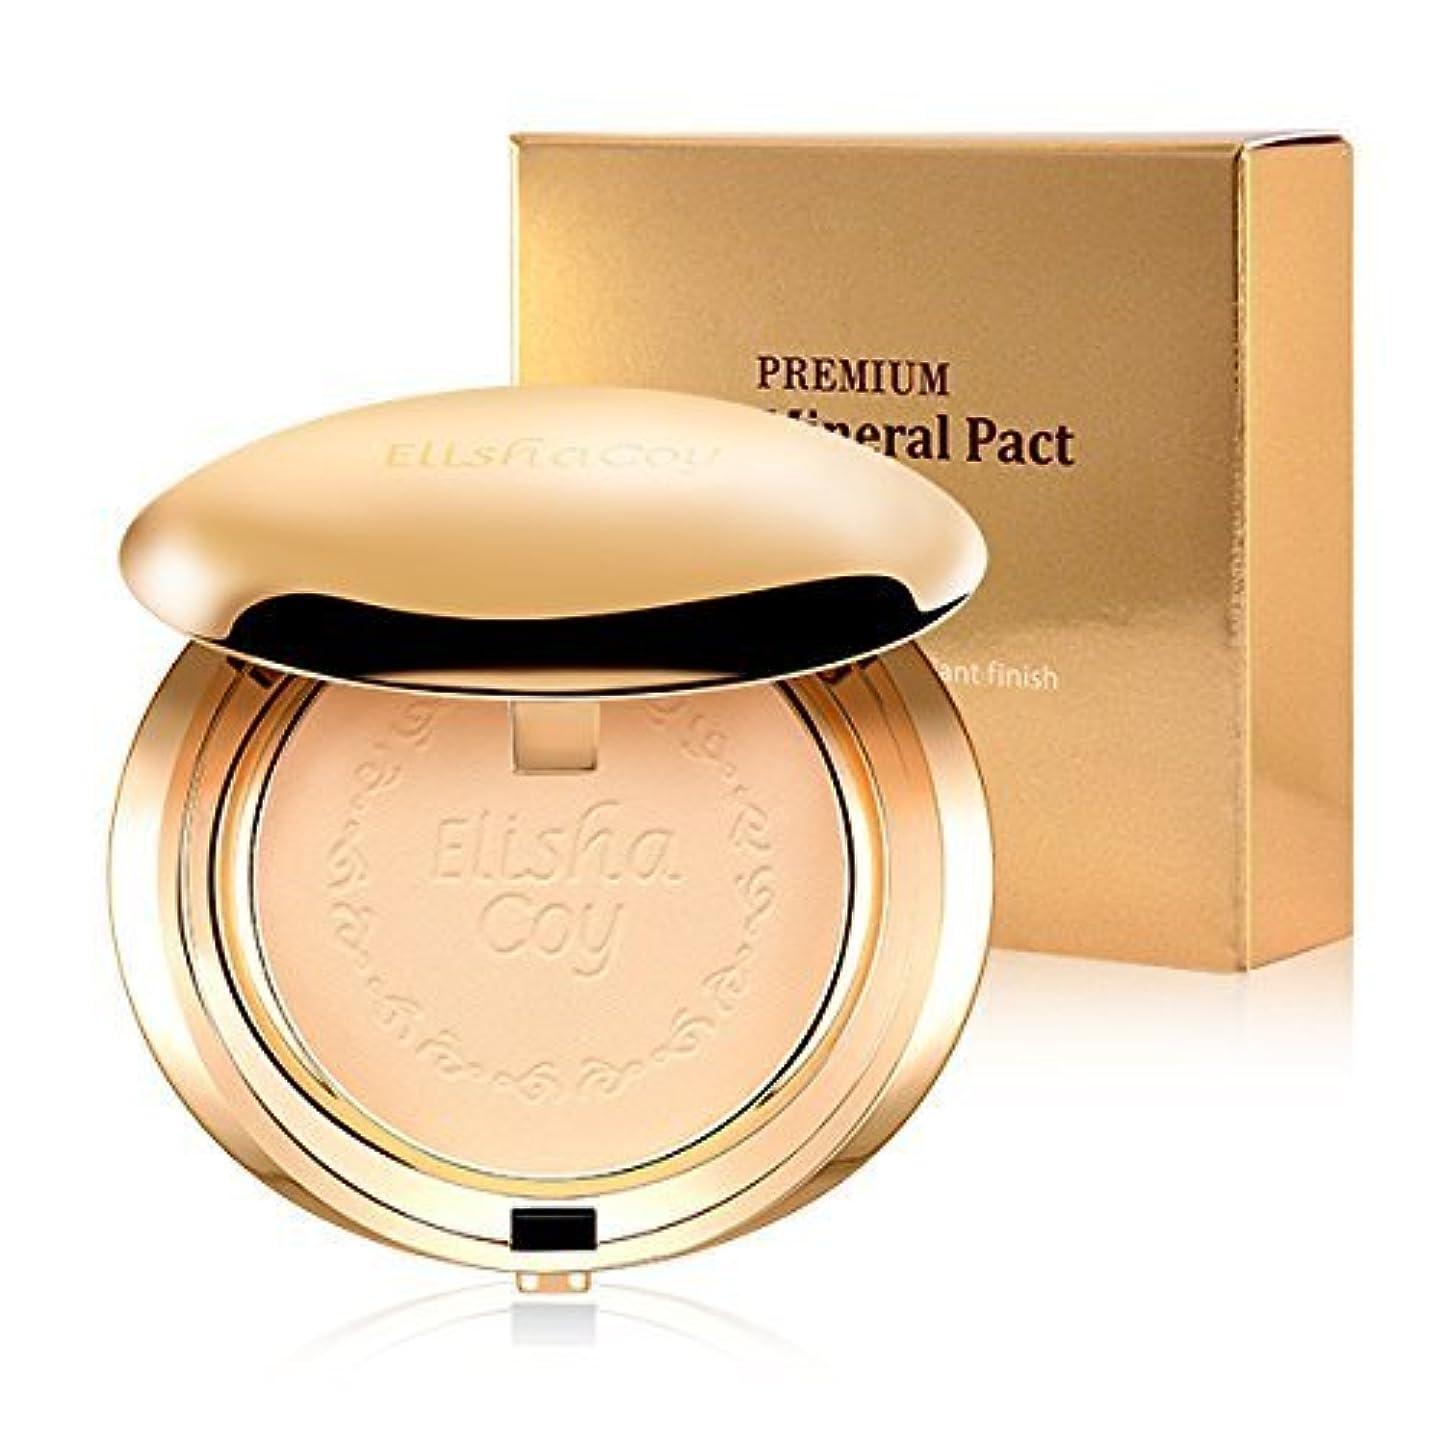 ベンチャー領事館トロリーバスElishacoy Premium gold mineral pact No.23 アリシアこいプレミアムゴールドミネラルファクト [並行輸入品]